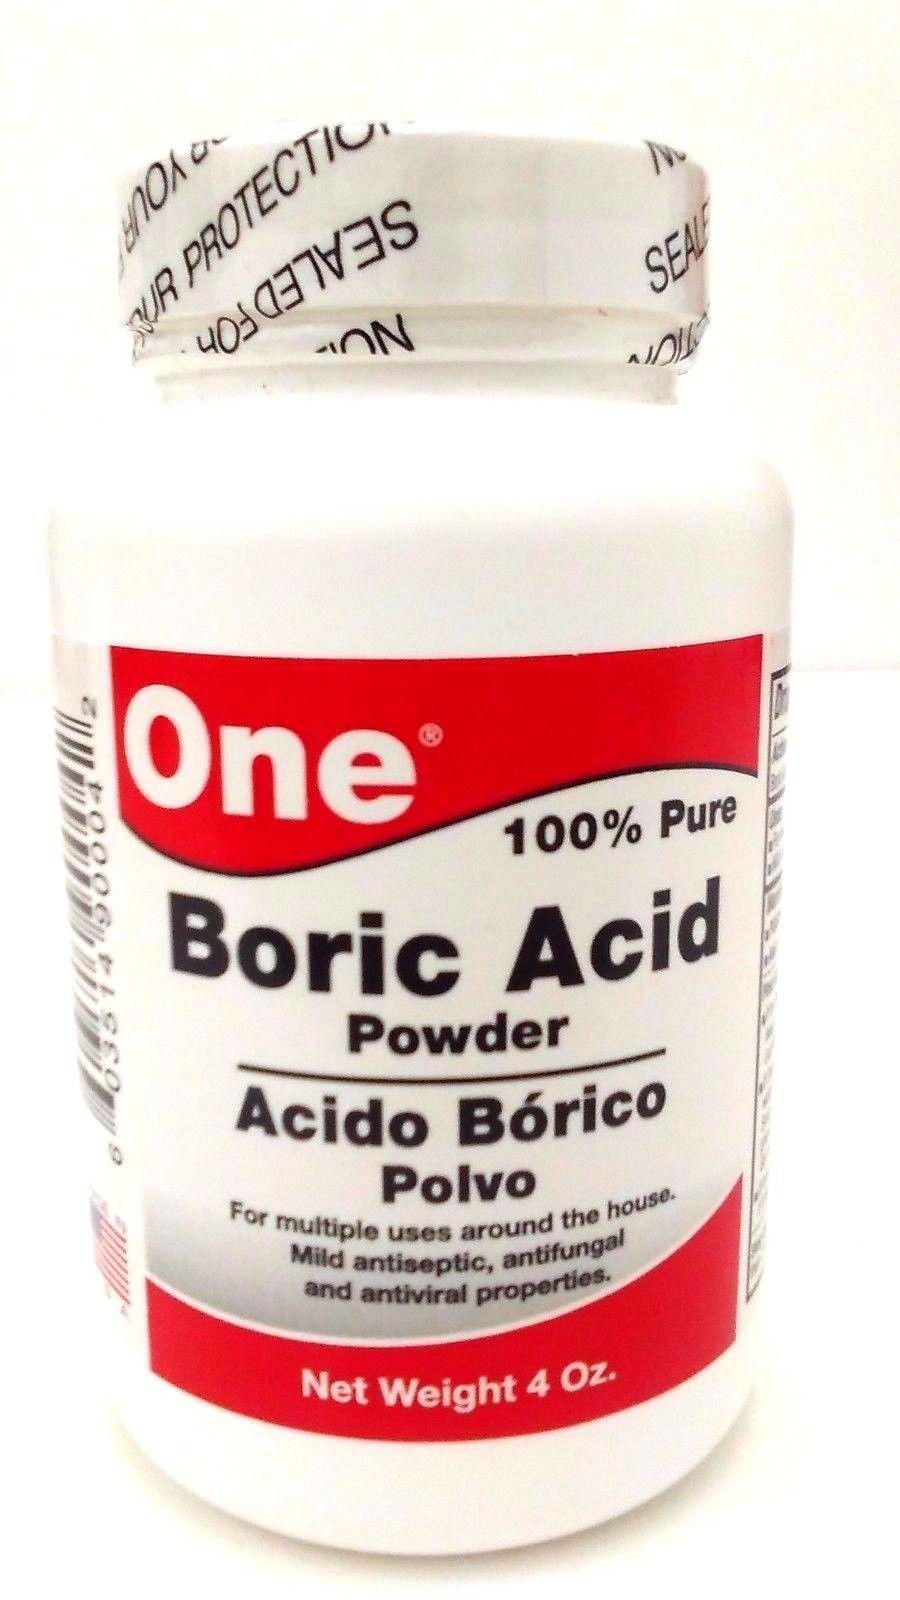 Acido borico para los pies como se usa